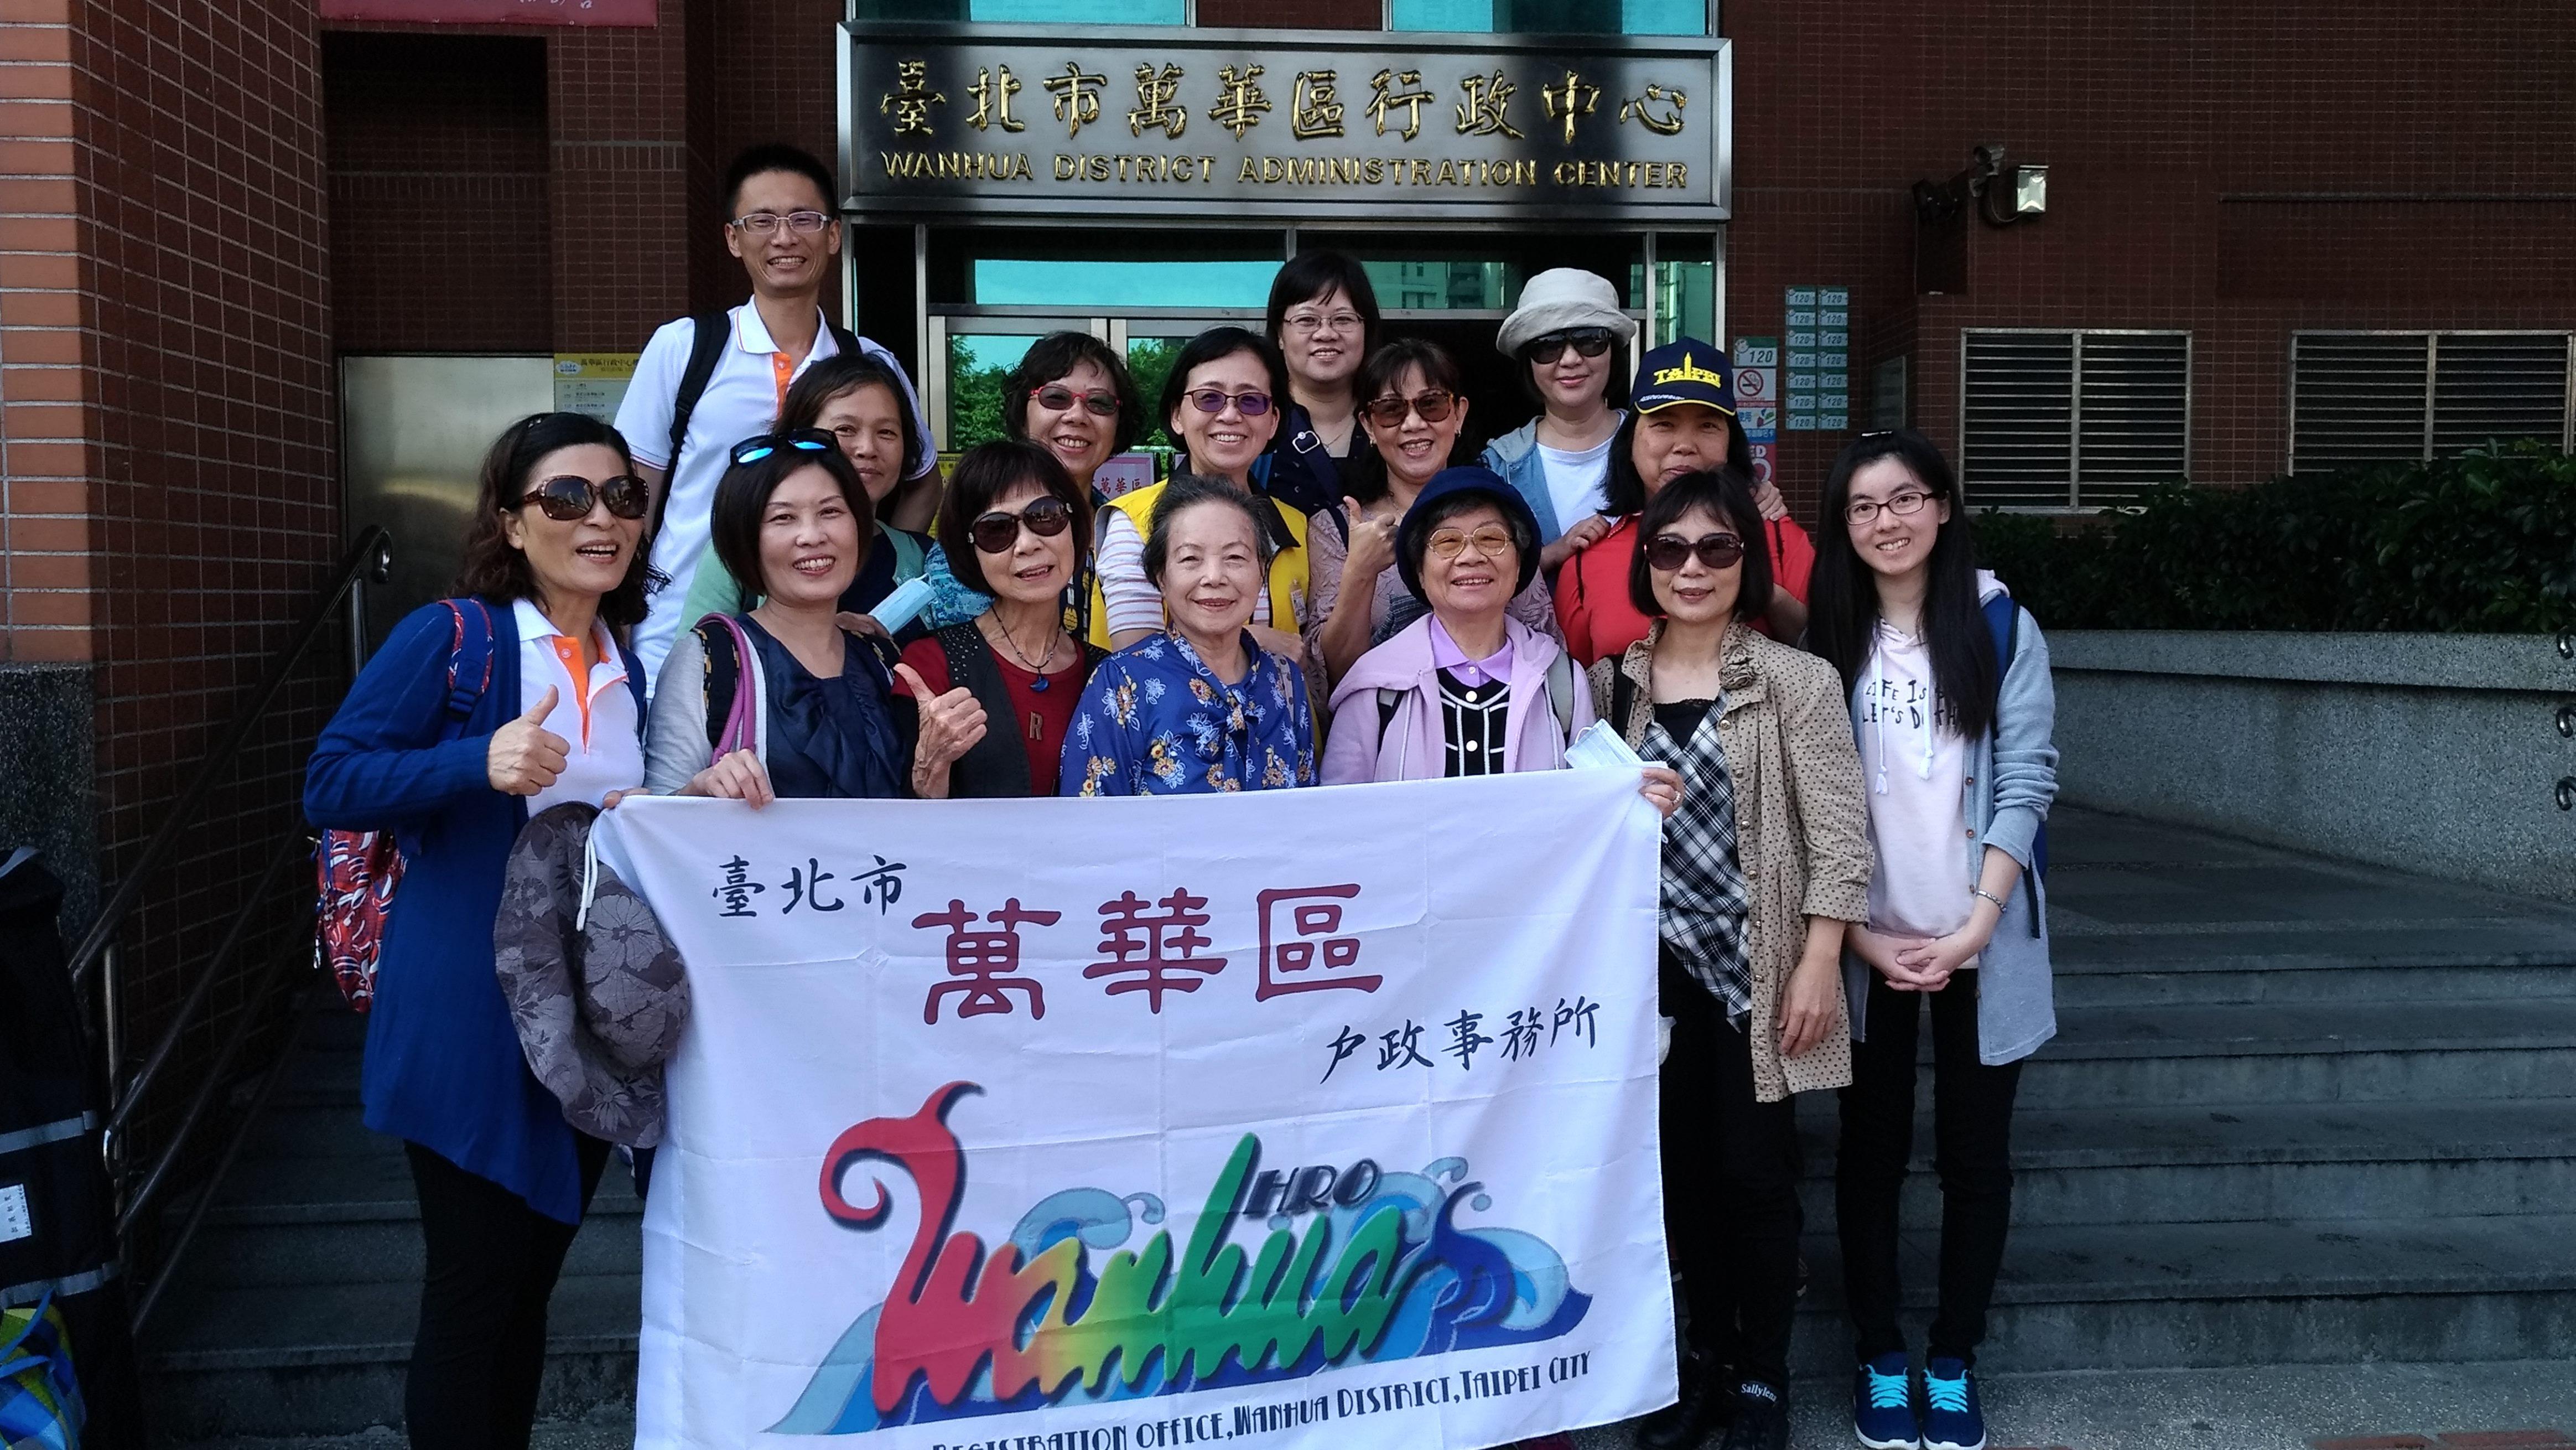 本所志工與主任於萬華區行政中心前之合影。